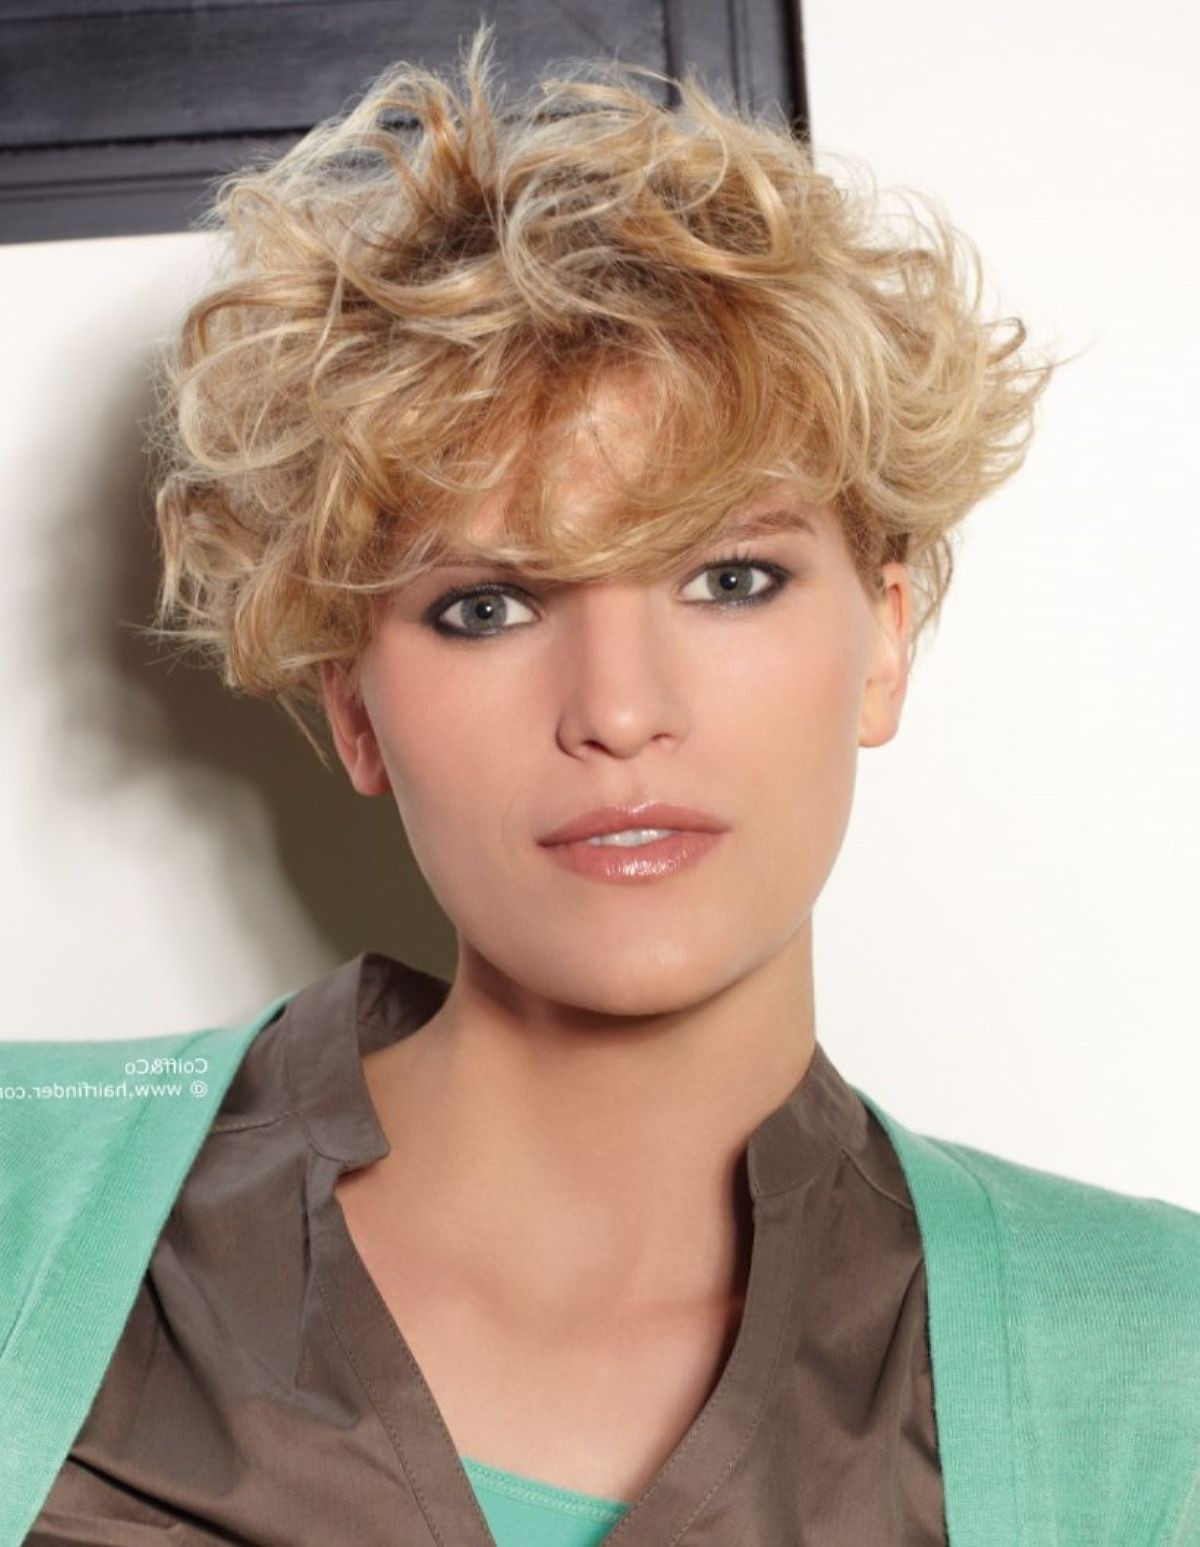 Frisuren Für Naturlocken Kurz  Frisuren naturlocken kurz – Modische Frisuren für Sie Foto